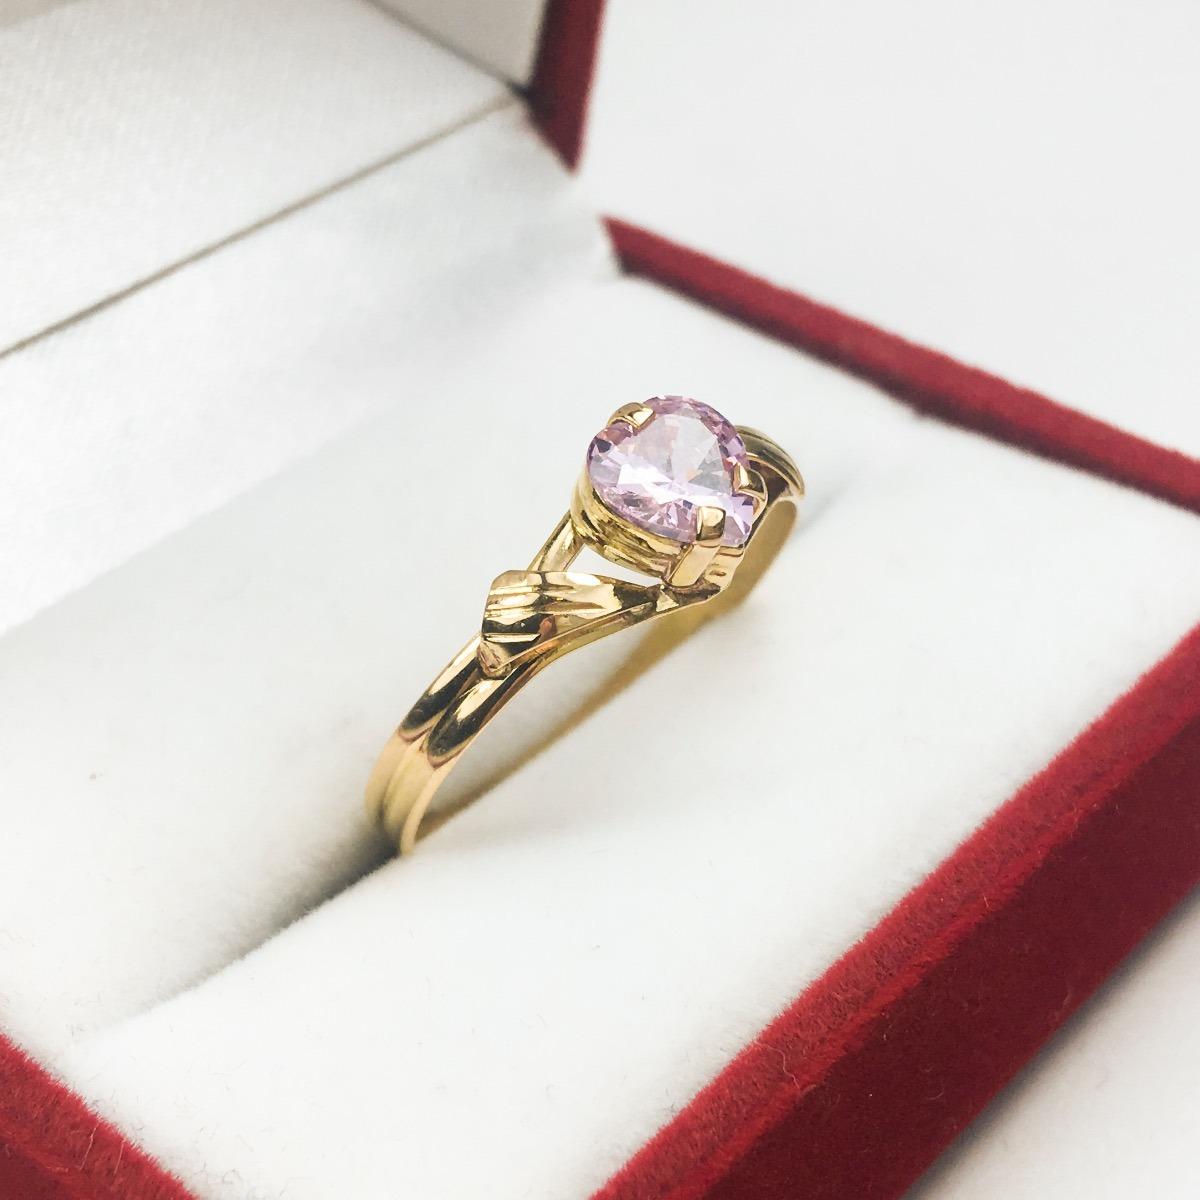 bf795356f724 anillos oro 18k mujer con piedra corazon grande compromiso. Cargando zoom.